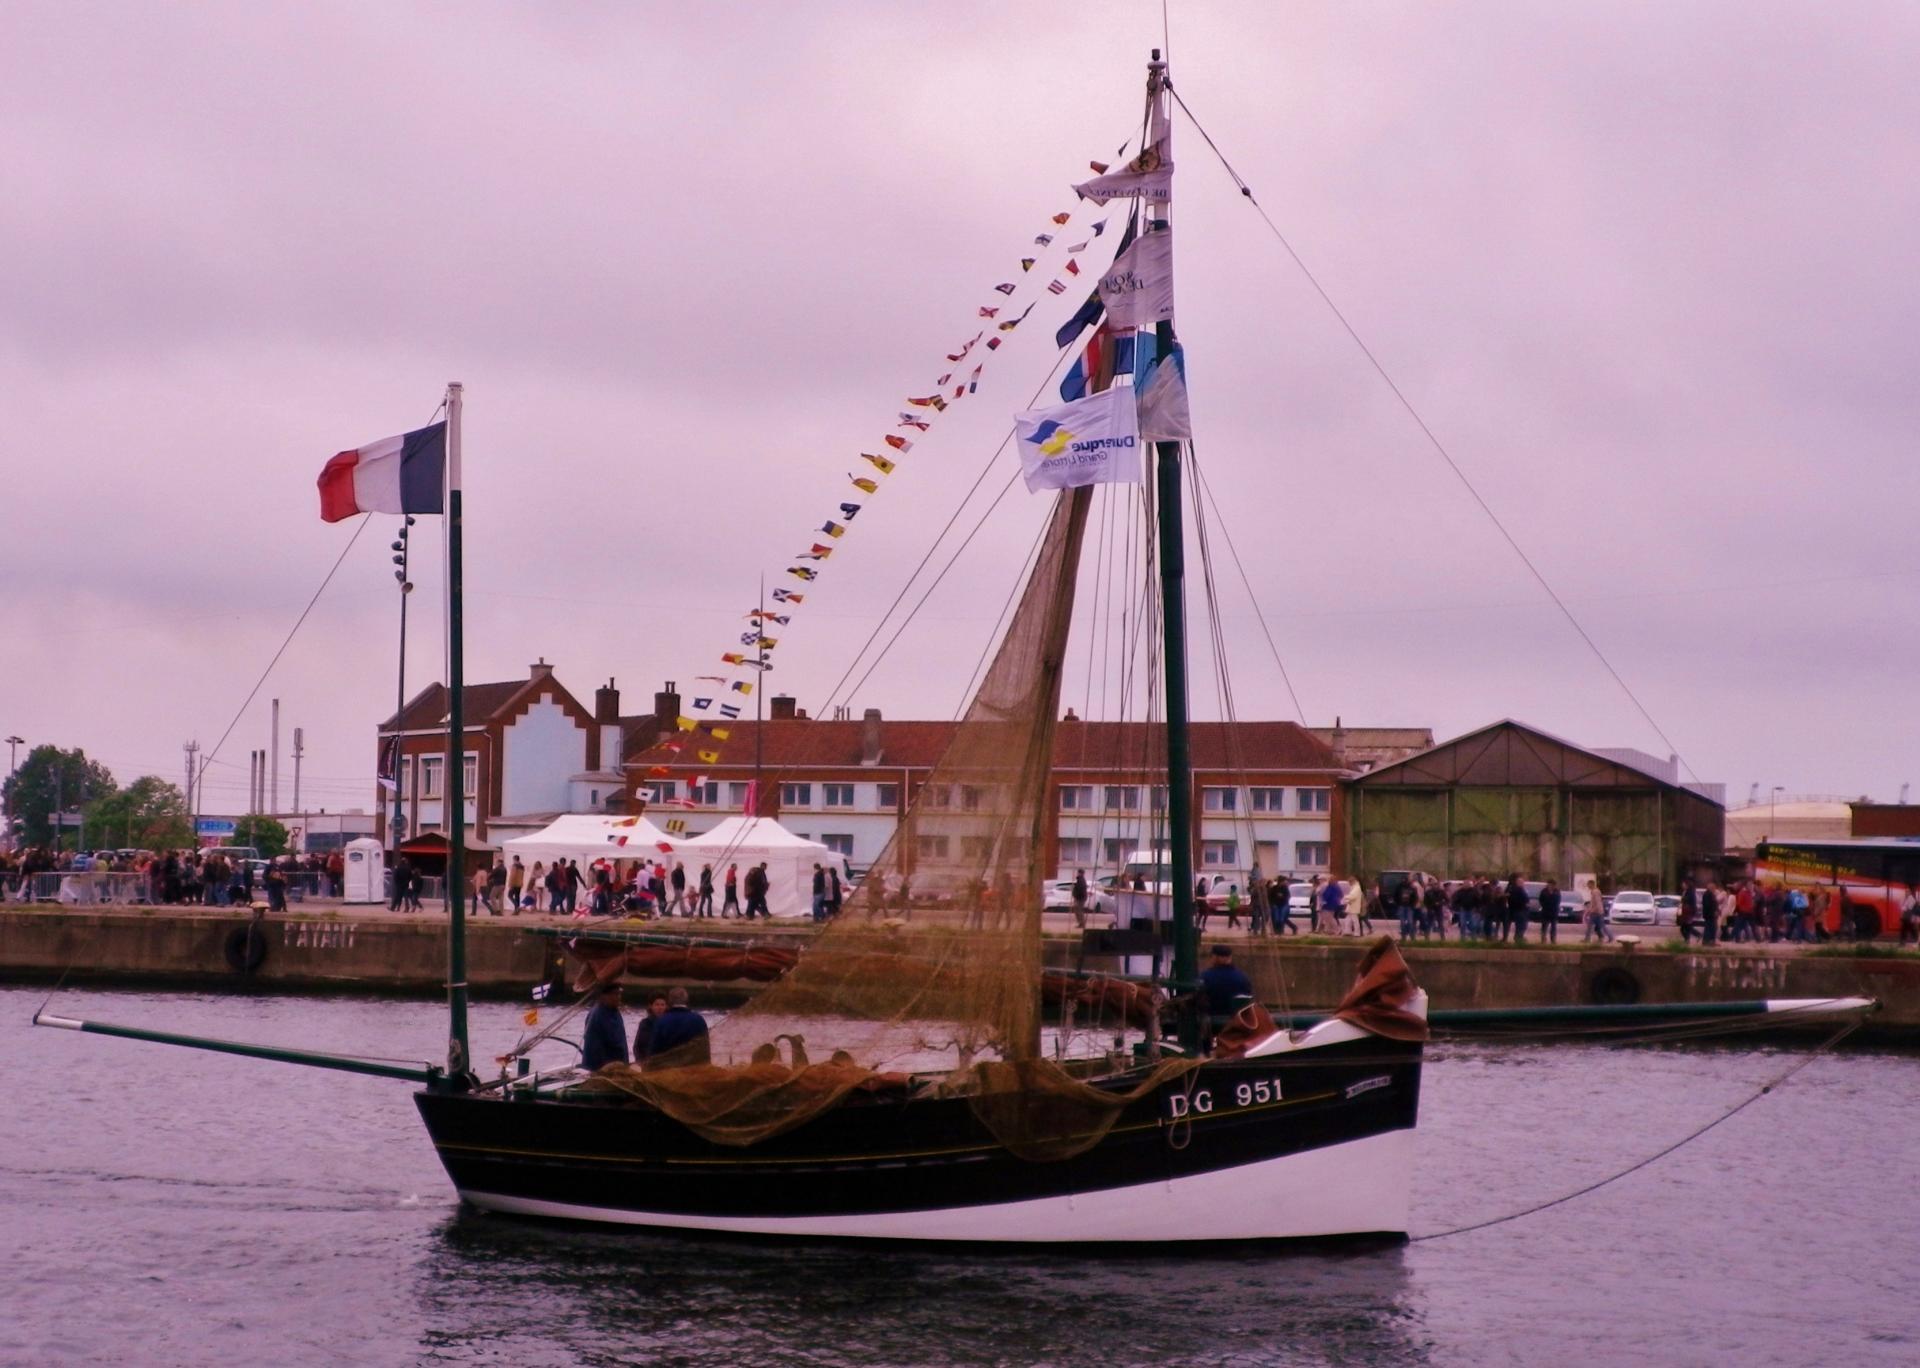 Photo bateau traditionnel cote d'opale